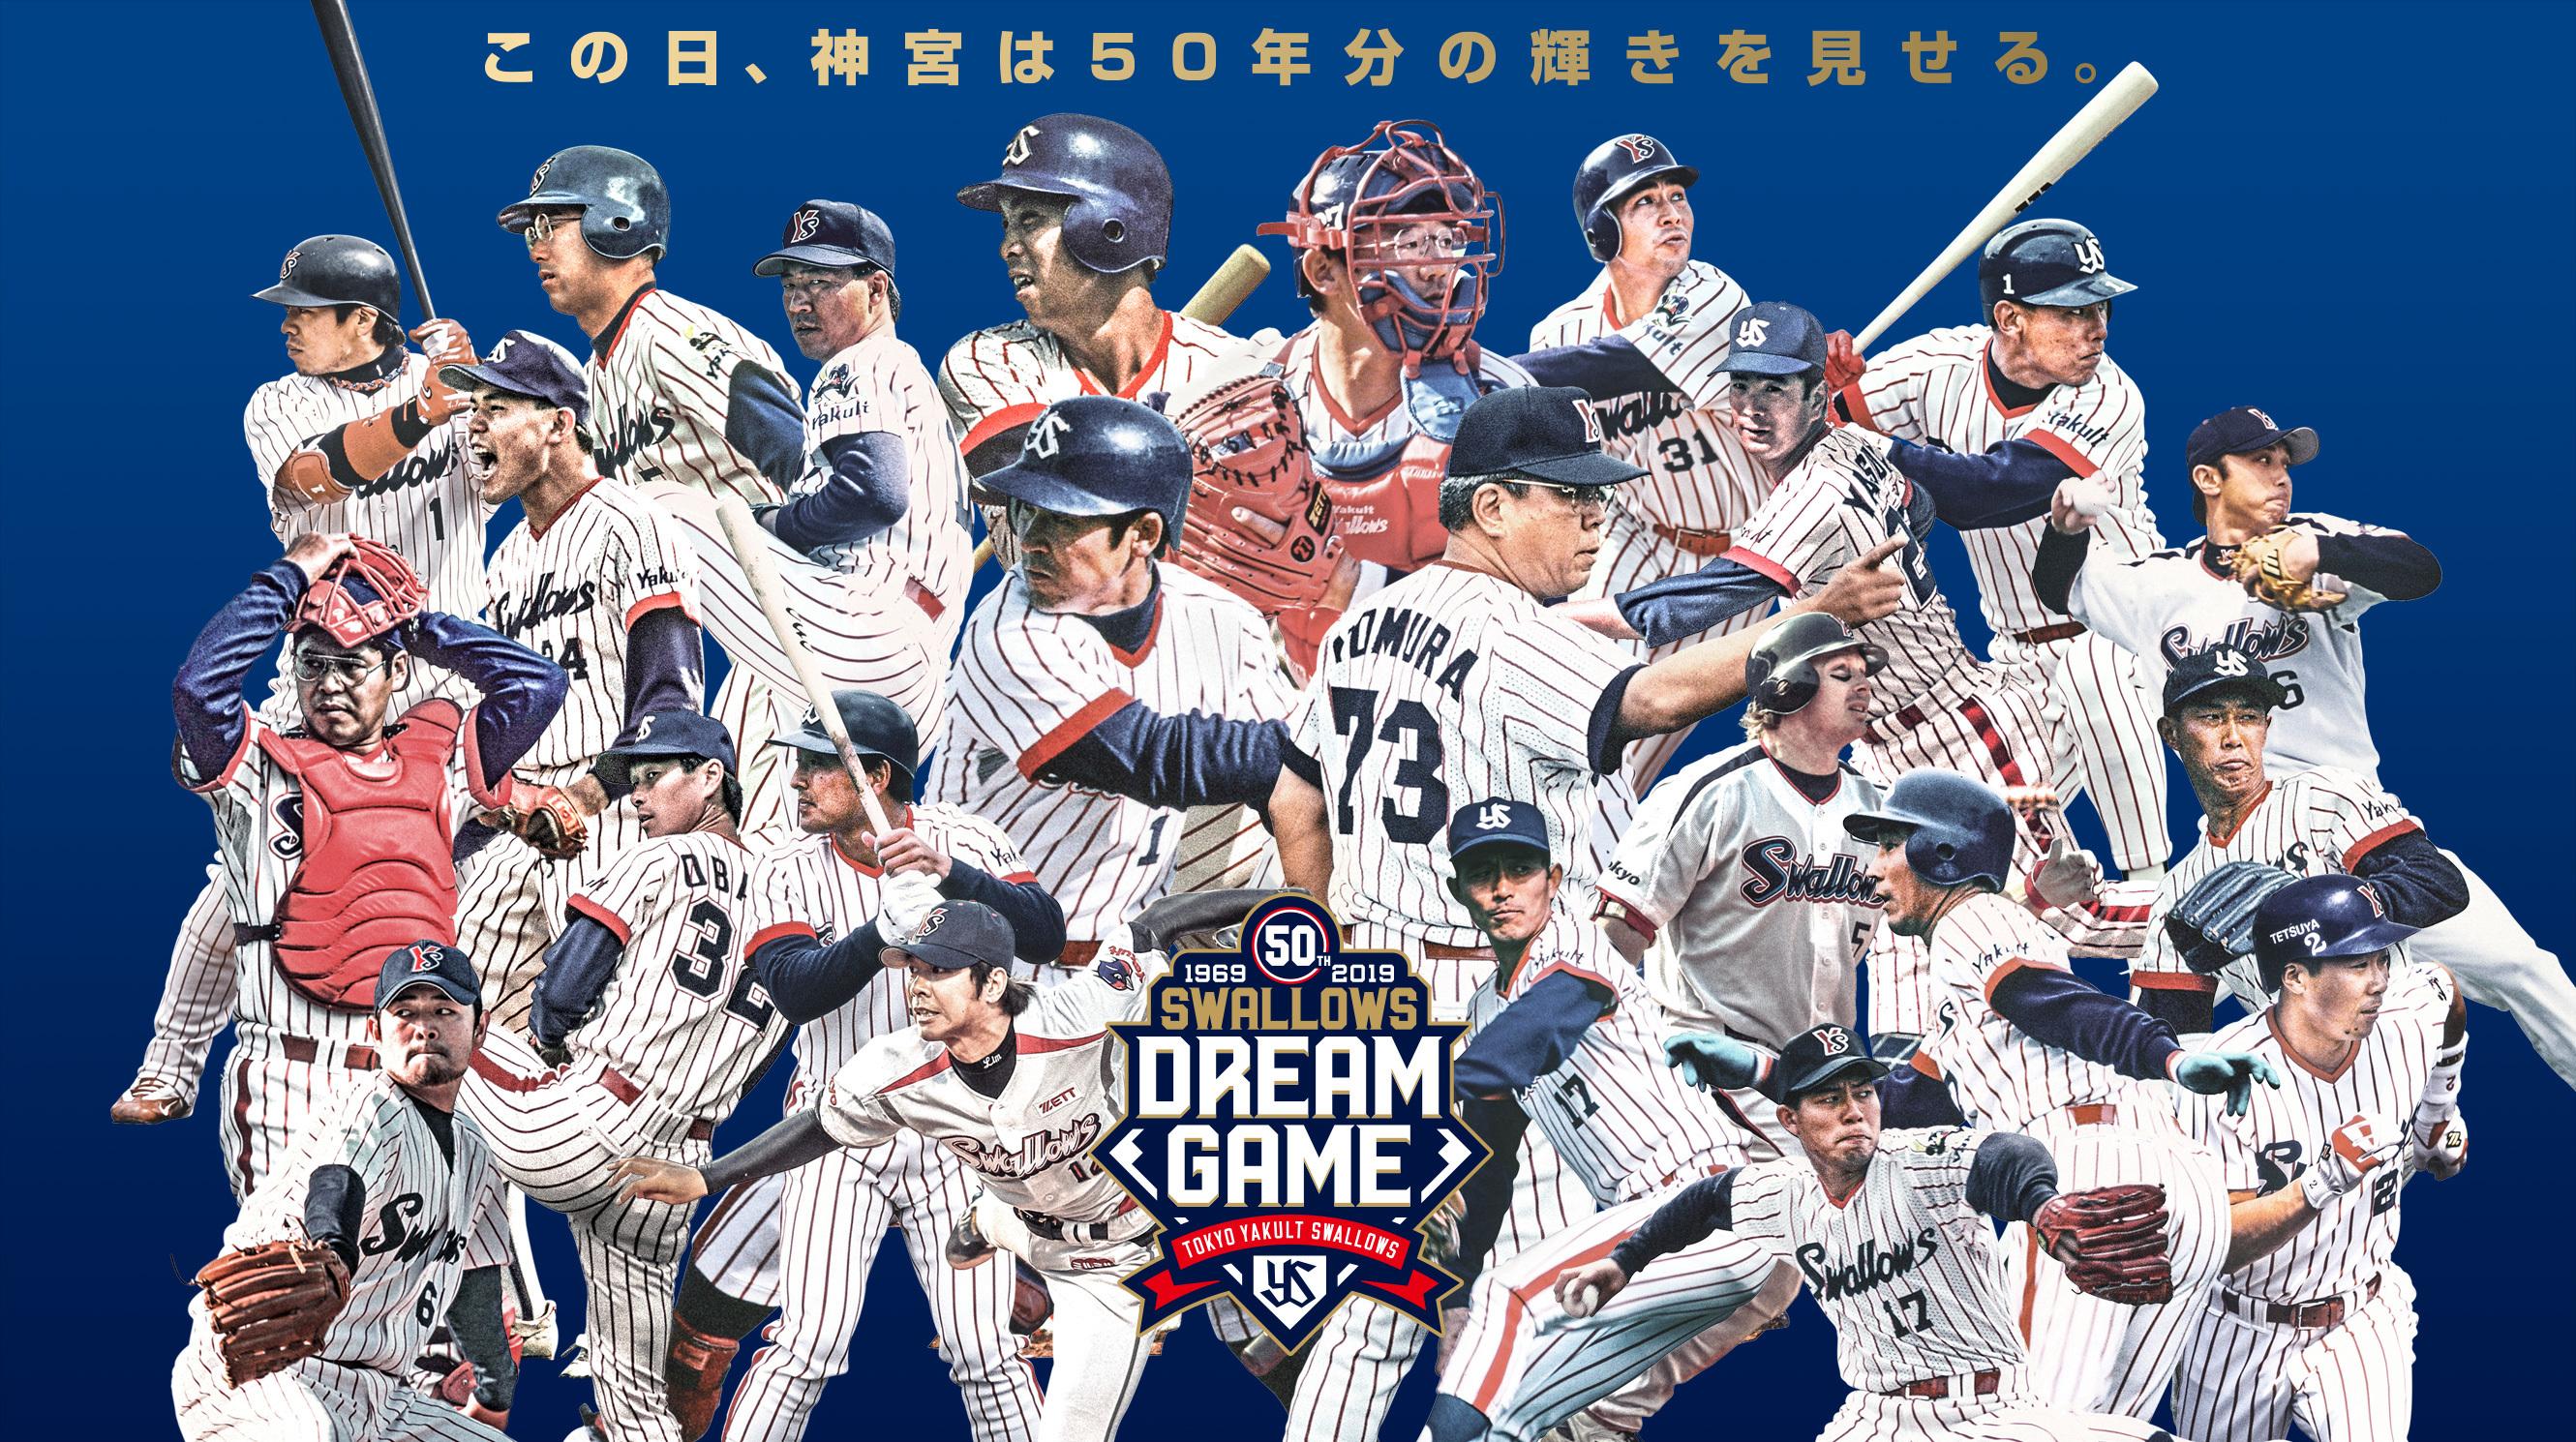 球団設立50周年を記念するスペシャルマッチ『Swallows DREAM GAME』は7月11日(木)に開催される